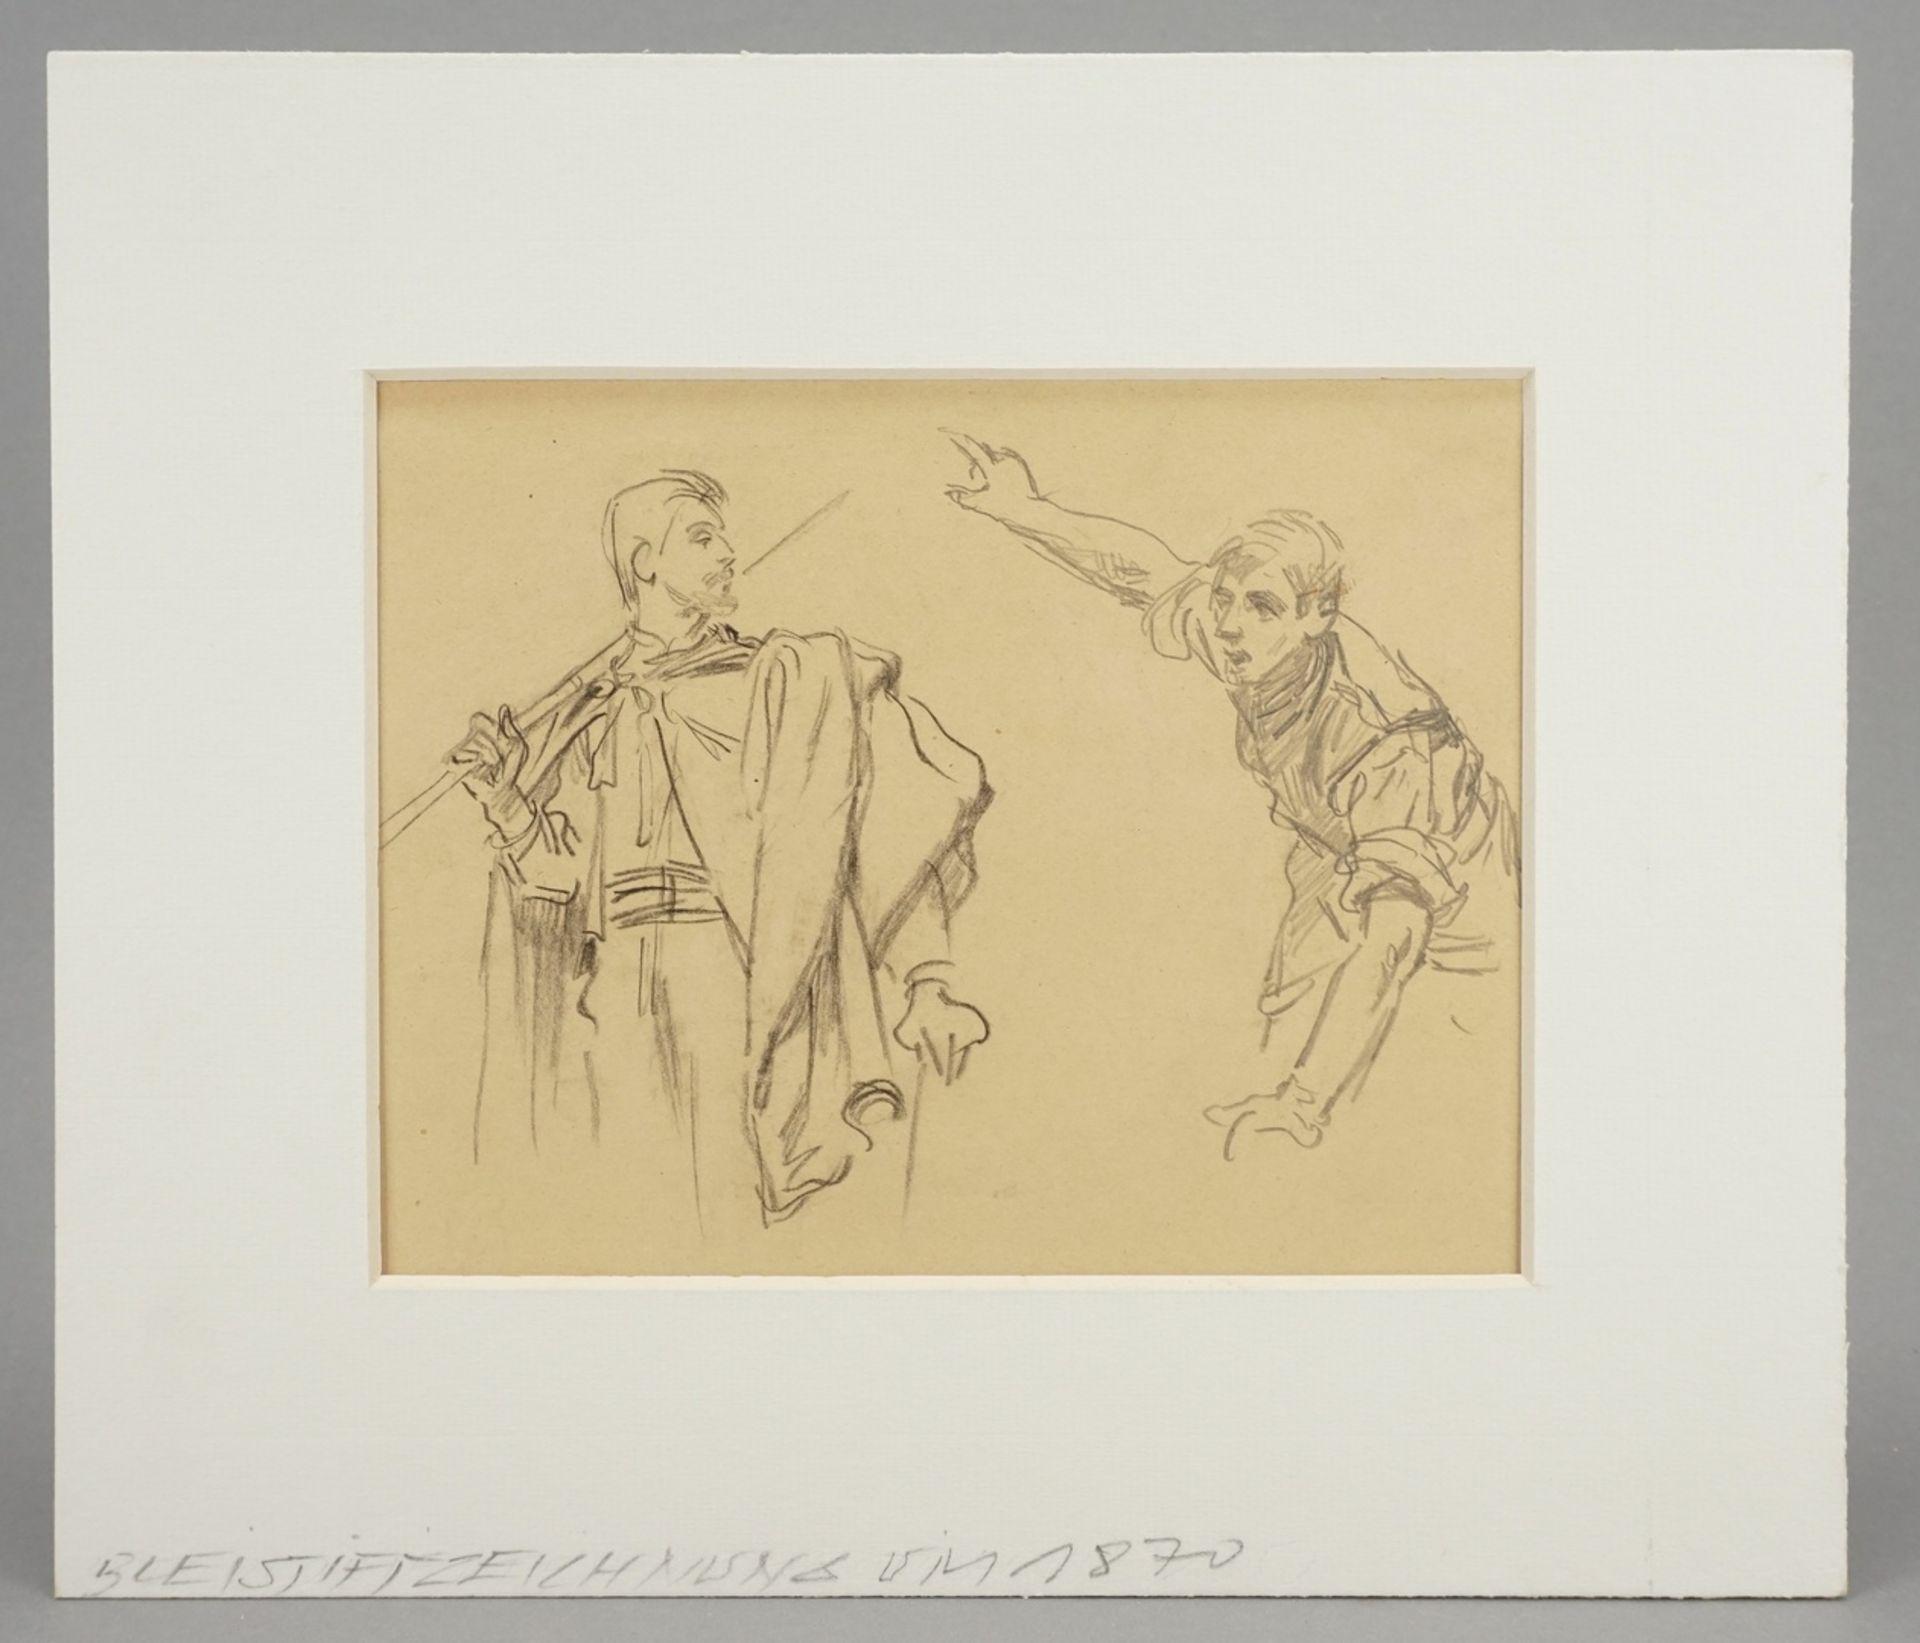 Unbekannter Zeichner, Zwei männliche Figurenstudien - Bild 2 aus 4